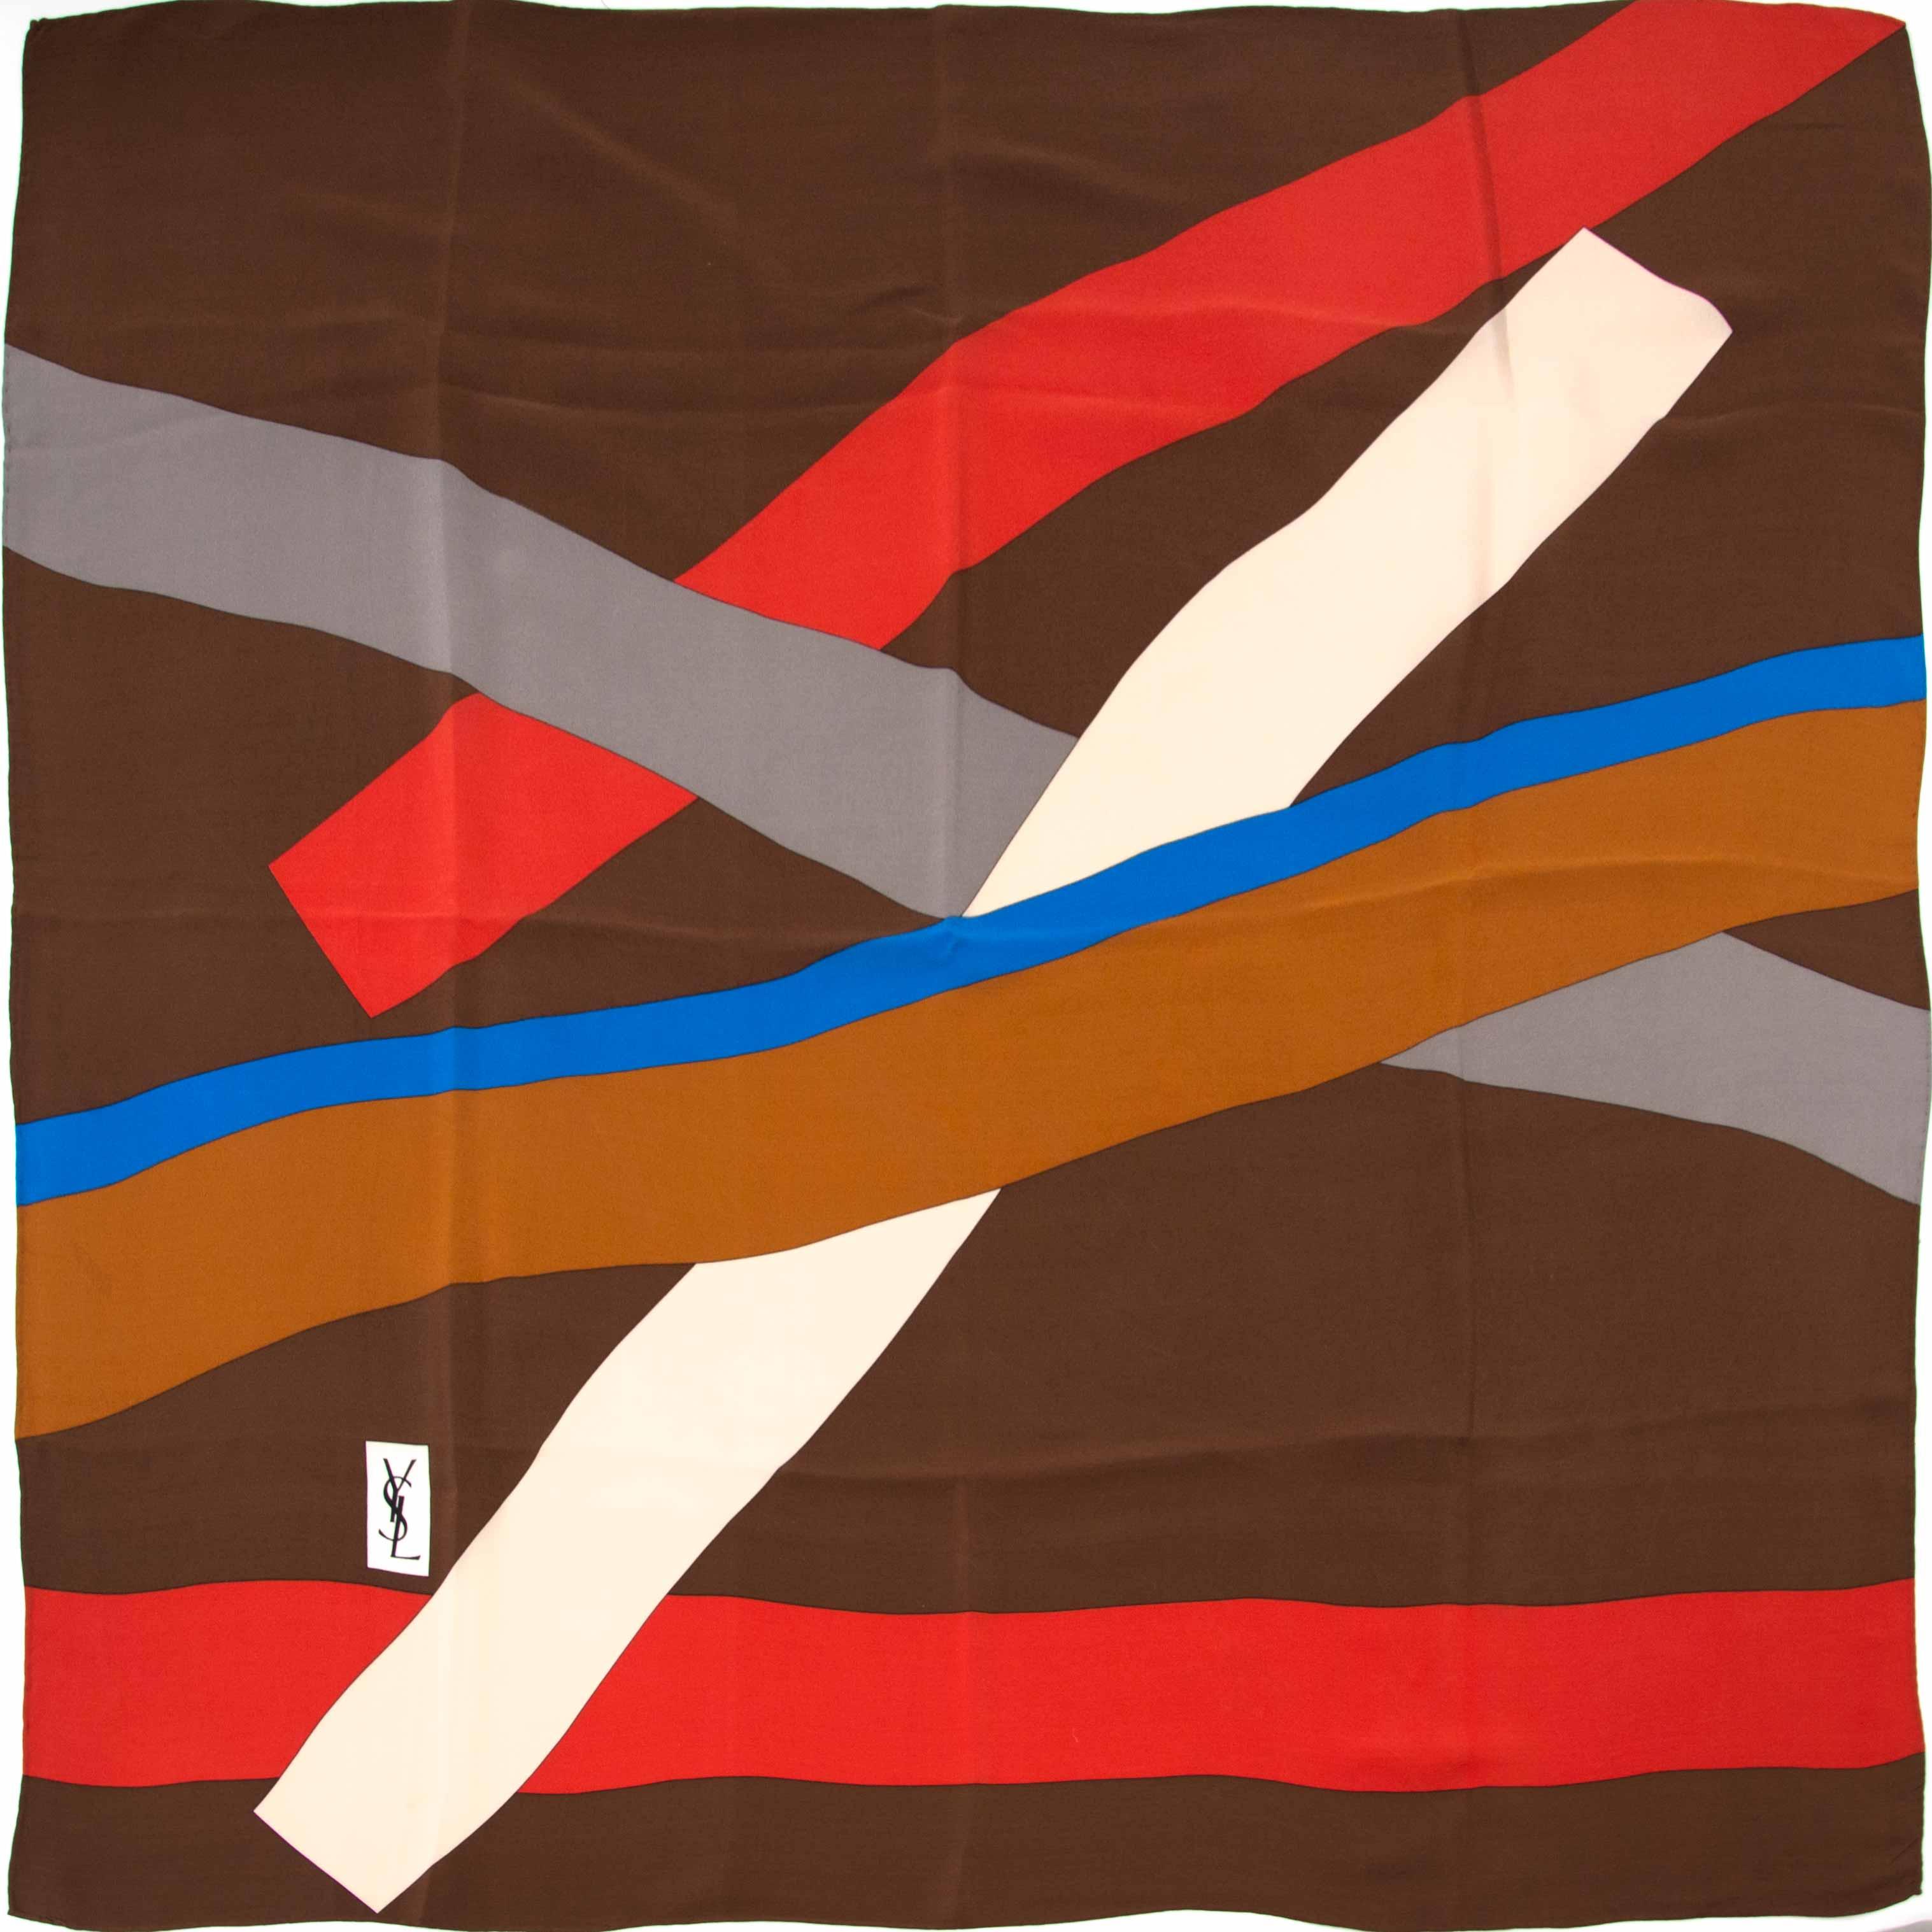 koop nu veilig en online jouw tweedehands Yves Saint Laurent Multicolor Scarf op labellov.com